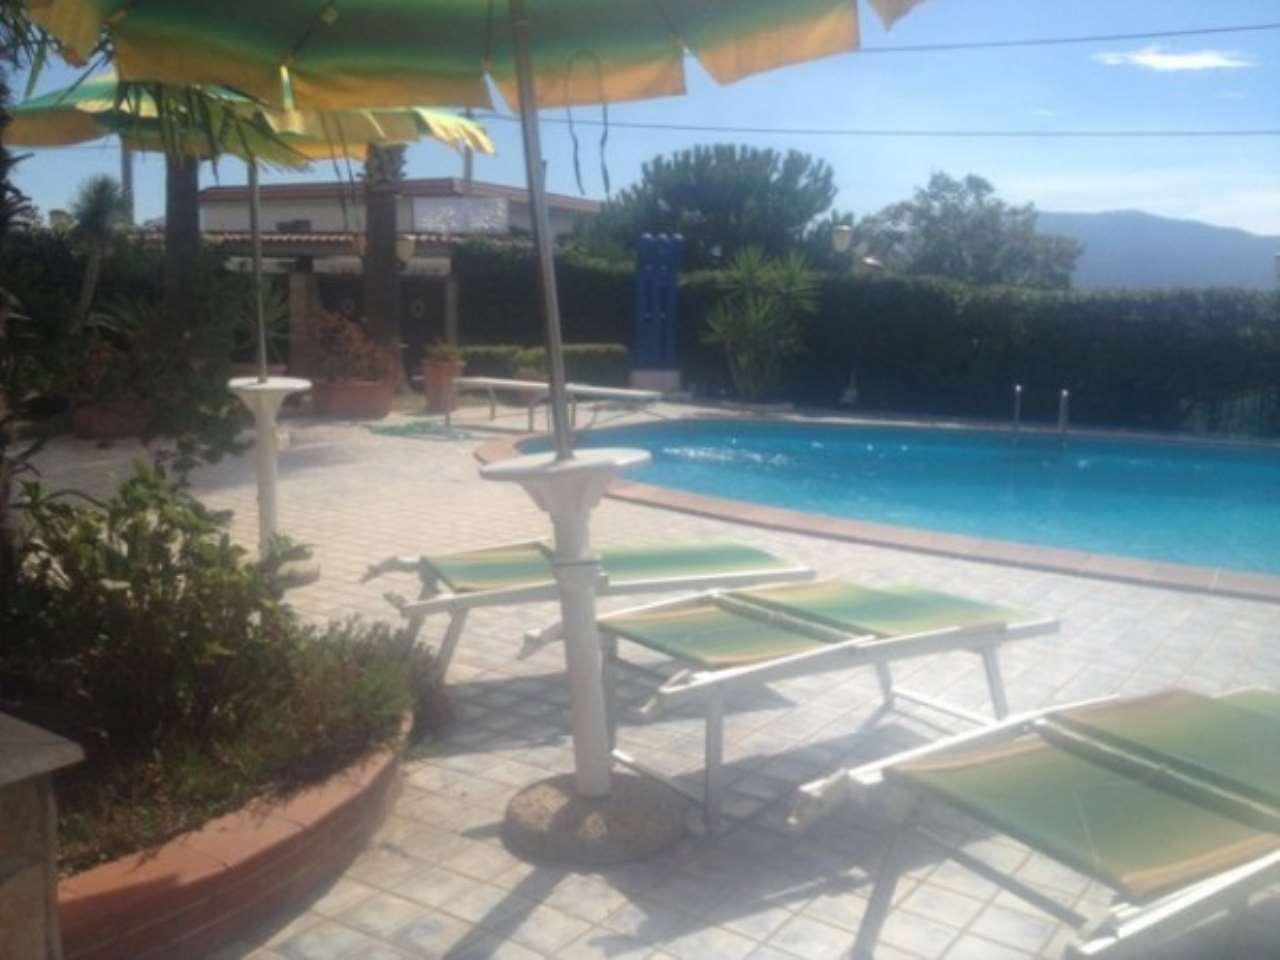 Villa in vendita a Trecase, 6 locali, Trattative riservate | CambioCasa.it